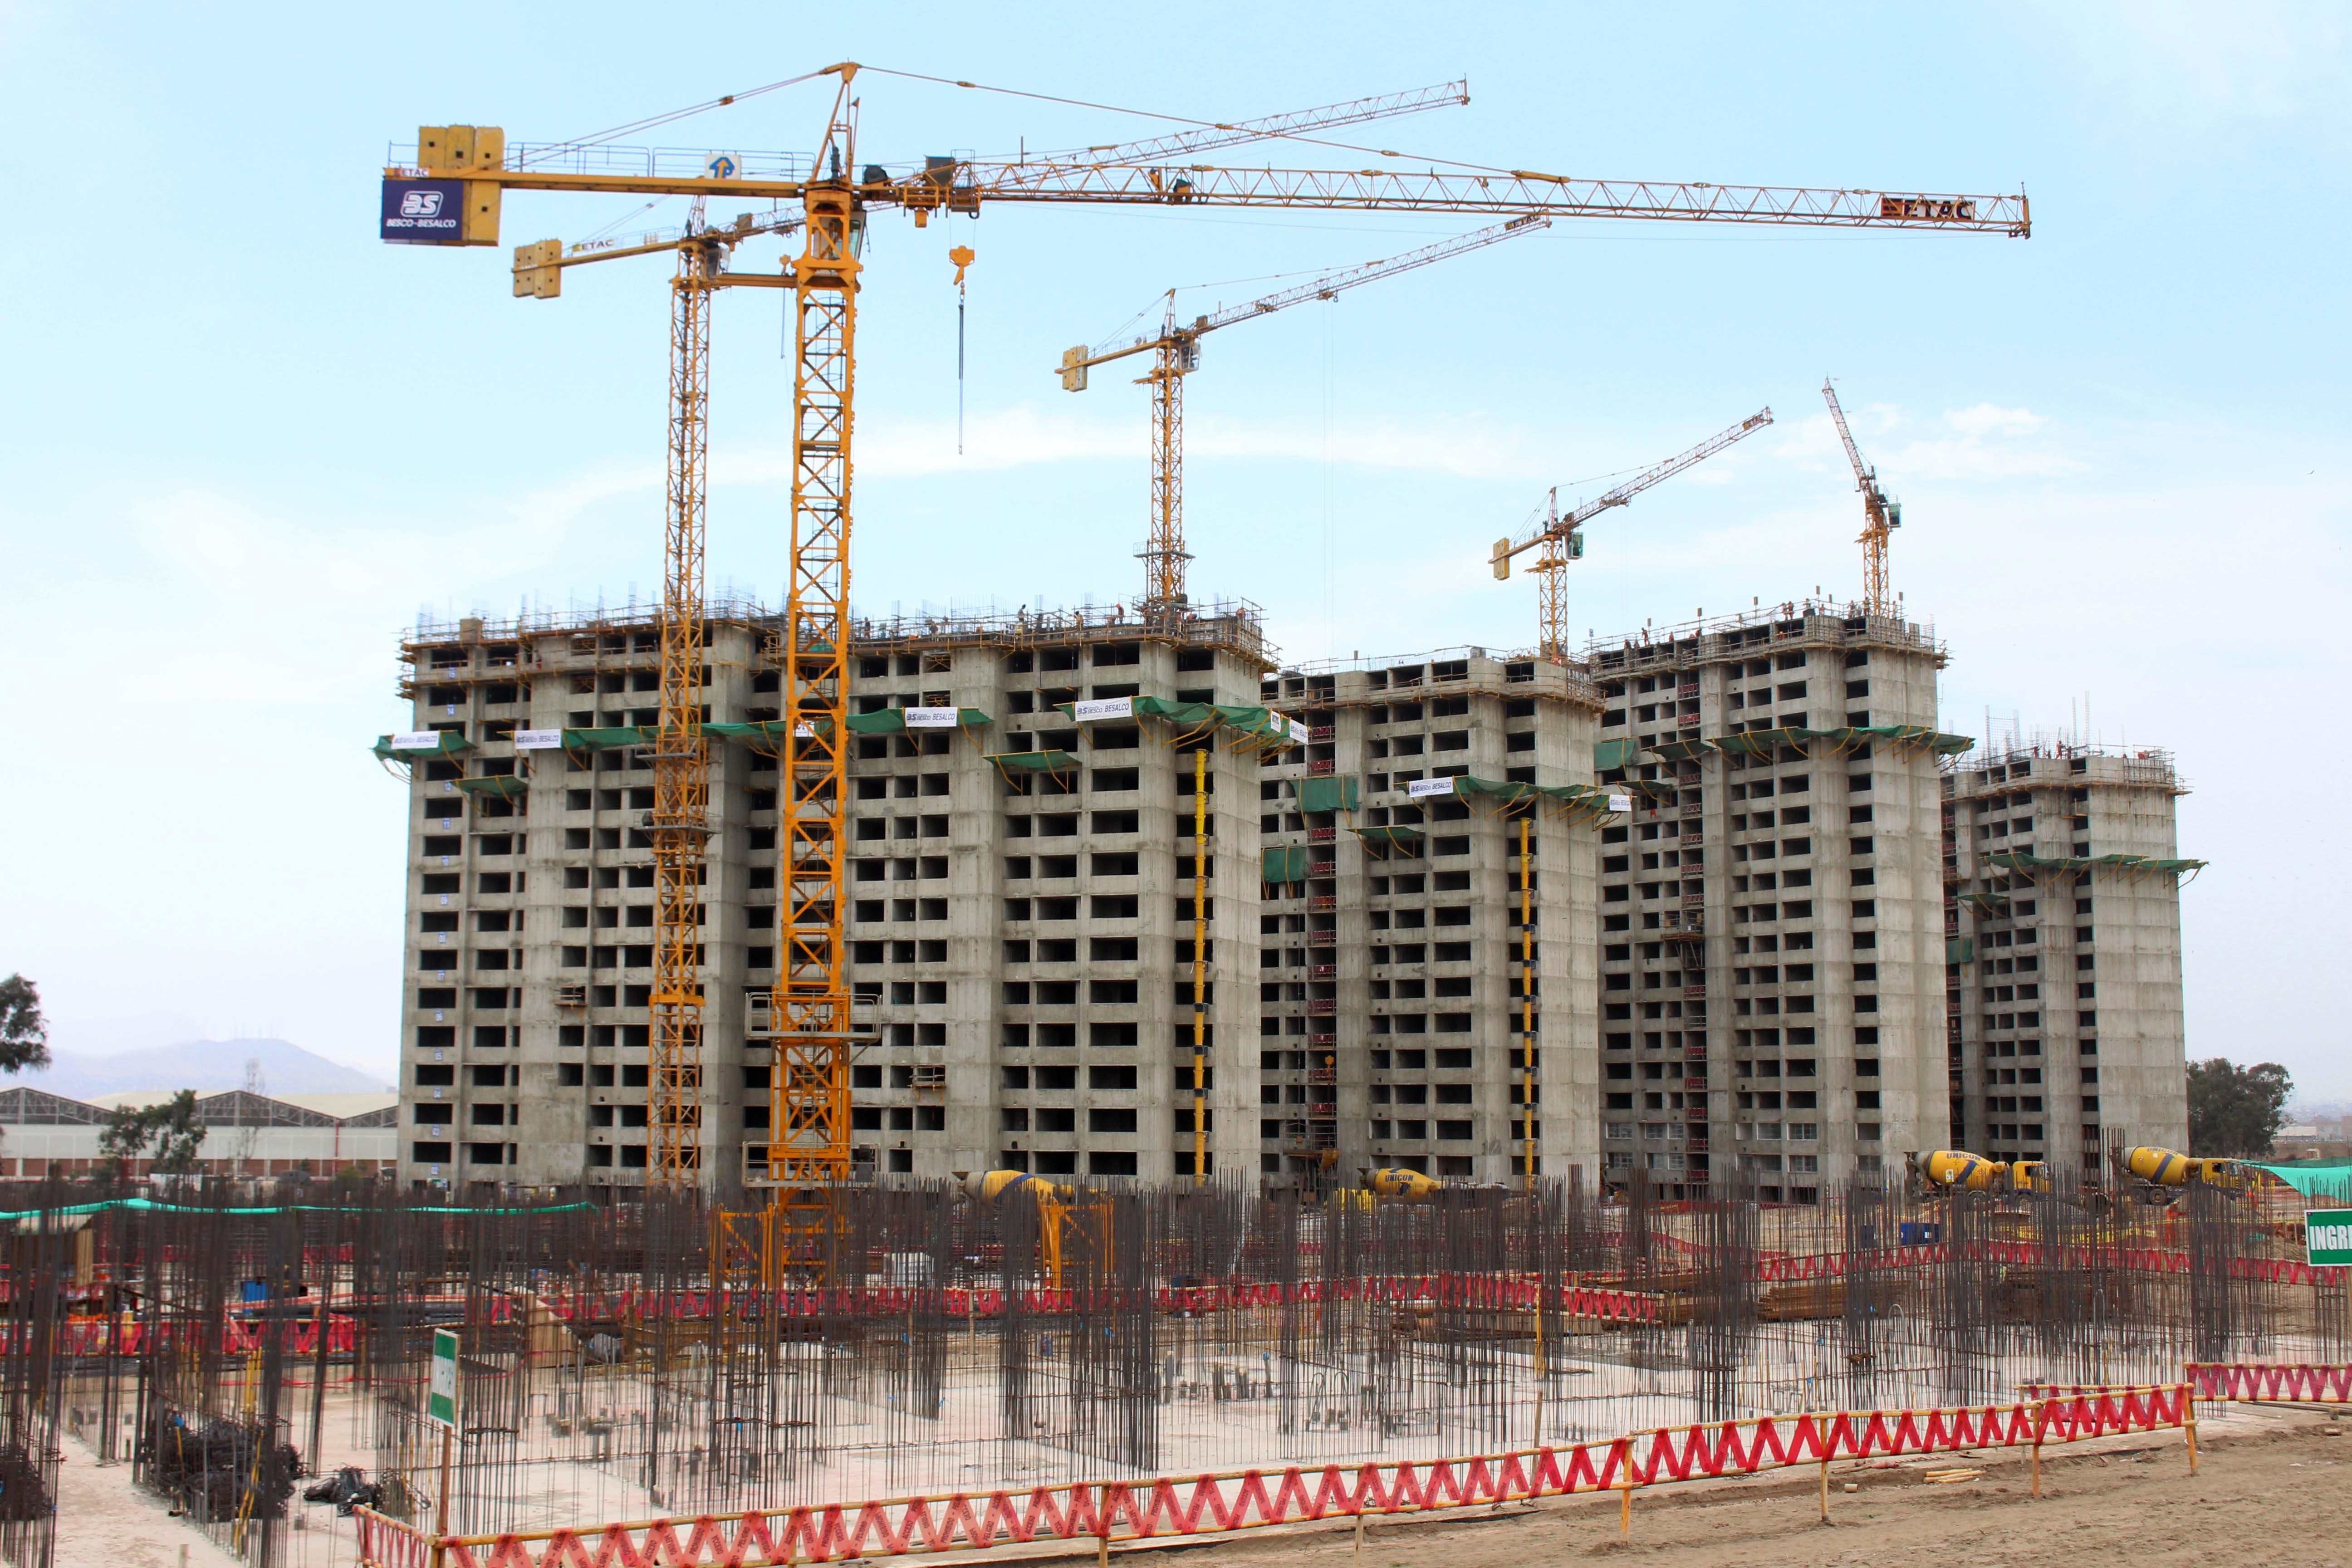 constructoras-deberan-garantizar-el-uso-de-hasta-50-de-aforo-en-cada-areanbsp